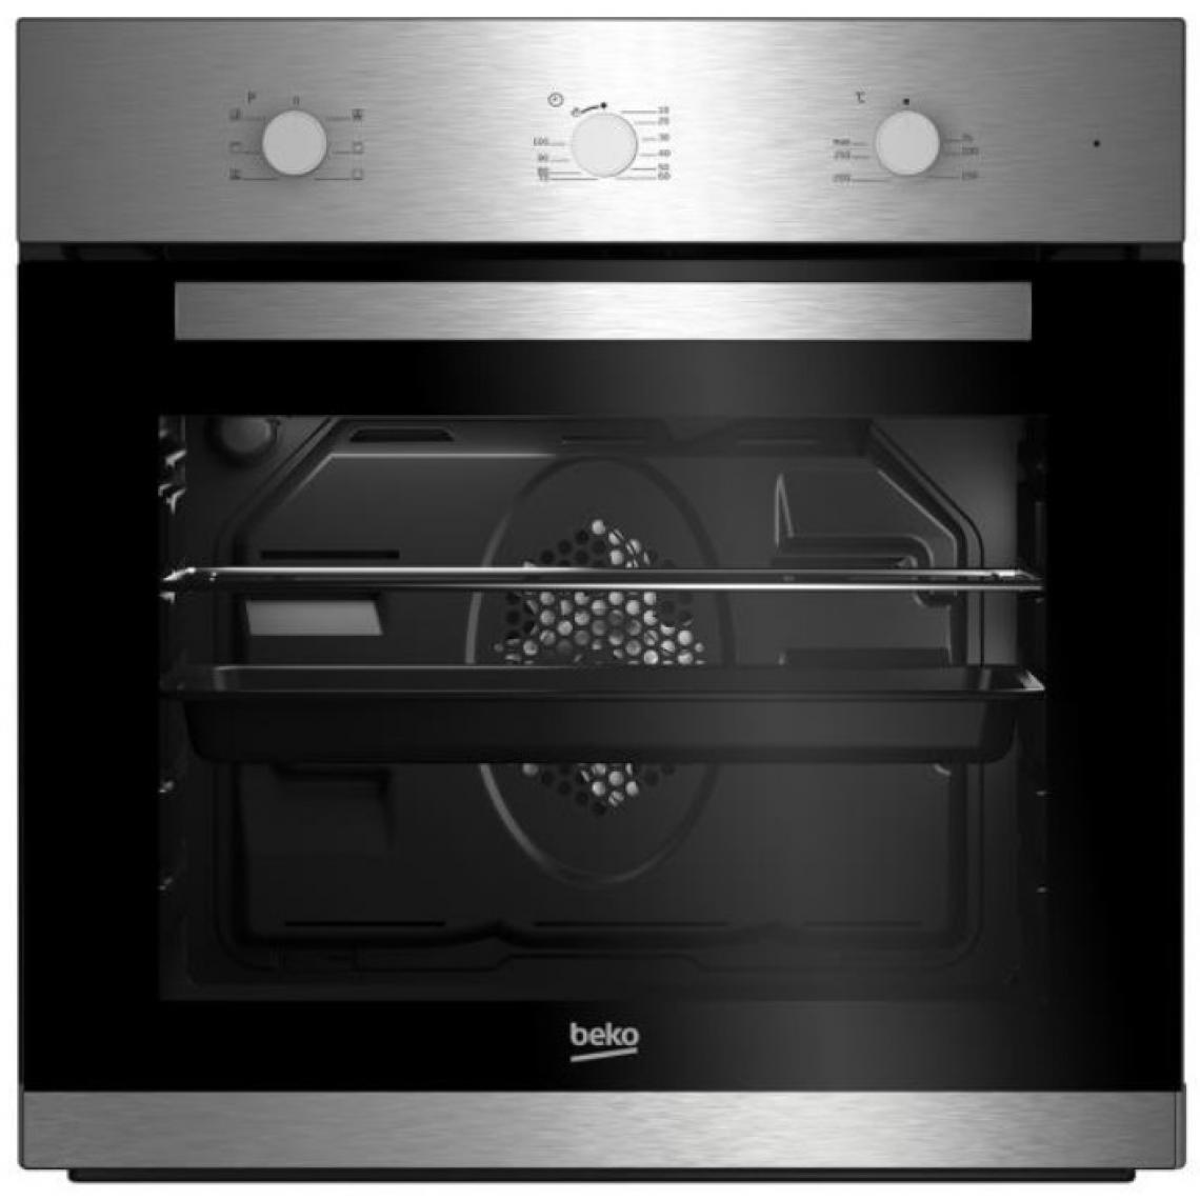 Beko Four Encastrable-multifonction-fermeture Douce-minuteur Coupe Circuit-i Beko - Bie22100xs